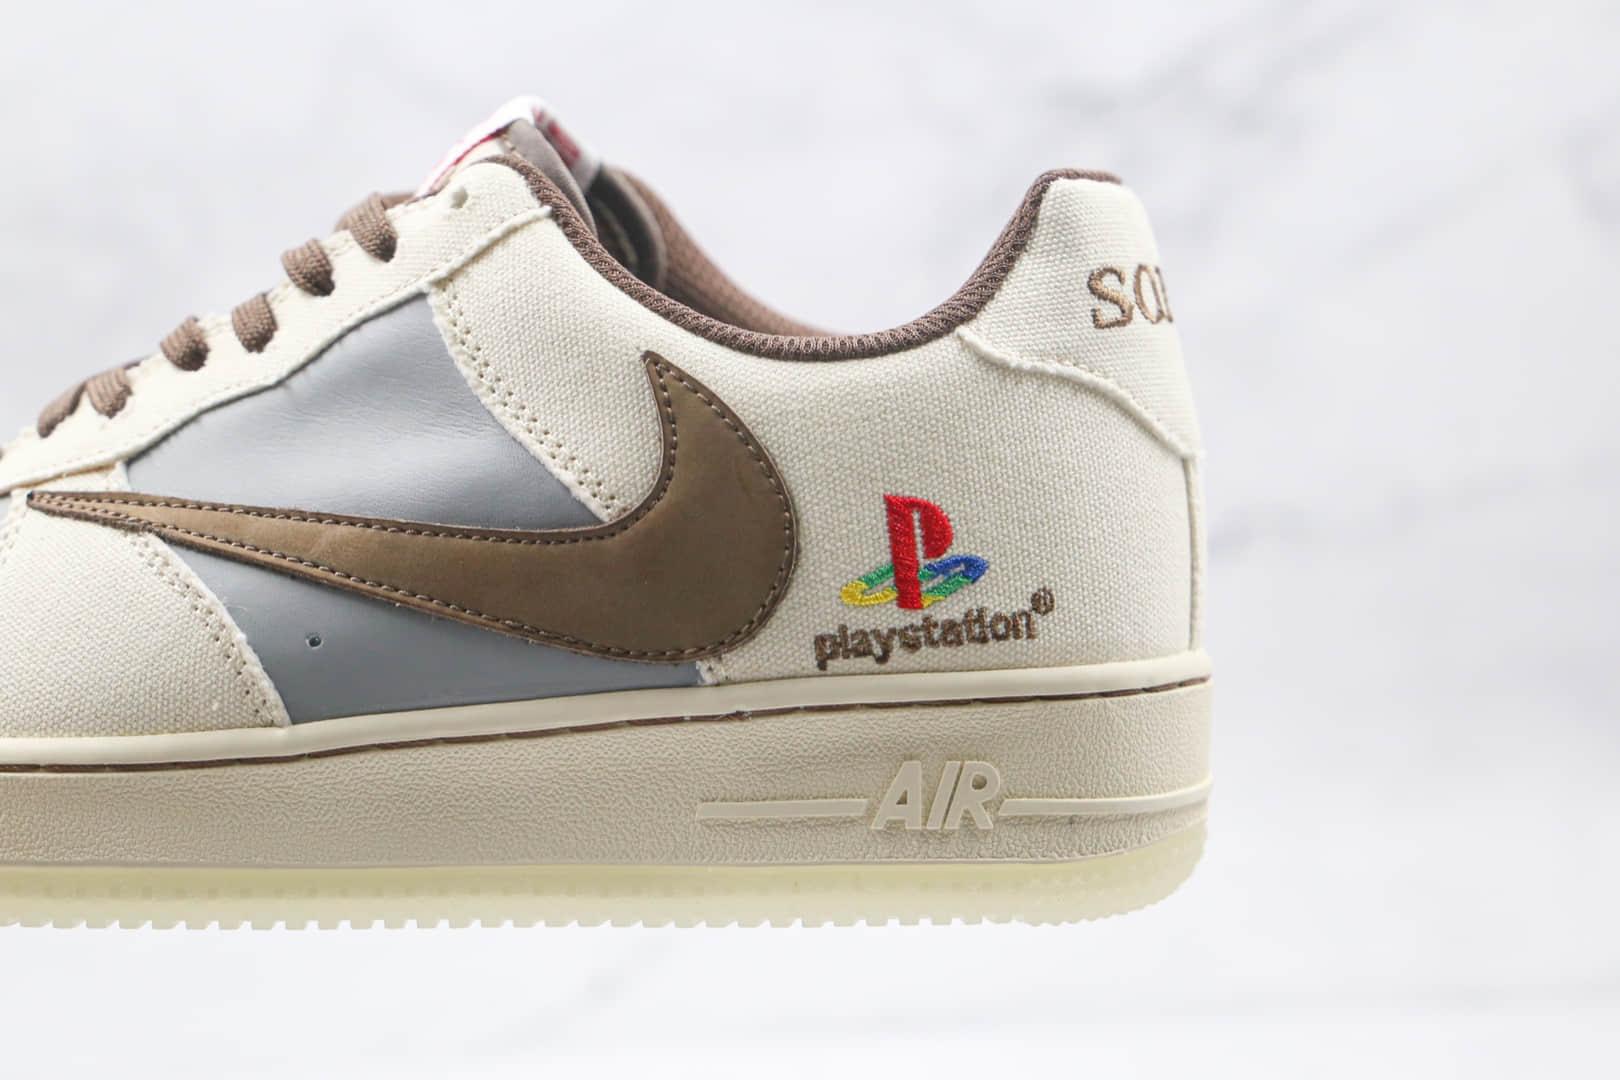 耐克Nike Air Force 1 x Travis Scott x Playstation纯原版本三方联名款低帮空军一号倒钩板鞋内置全掌Sole气垫 货号:BQ5826-208